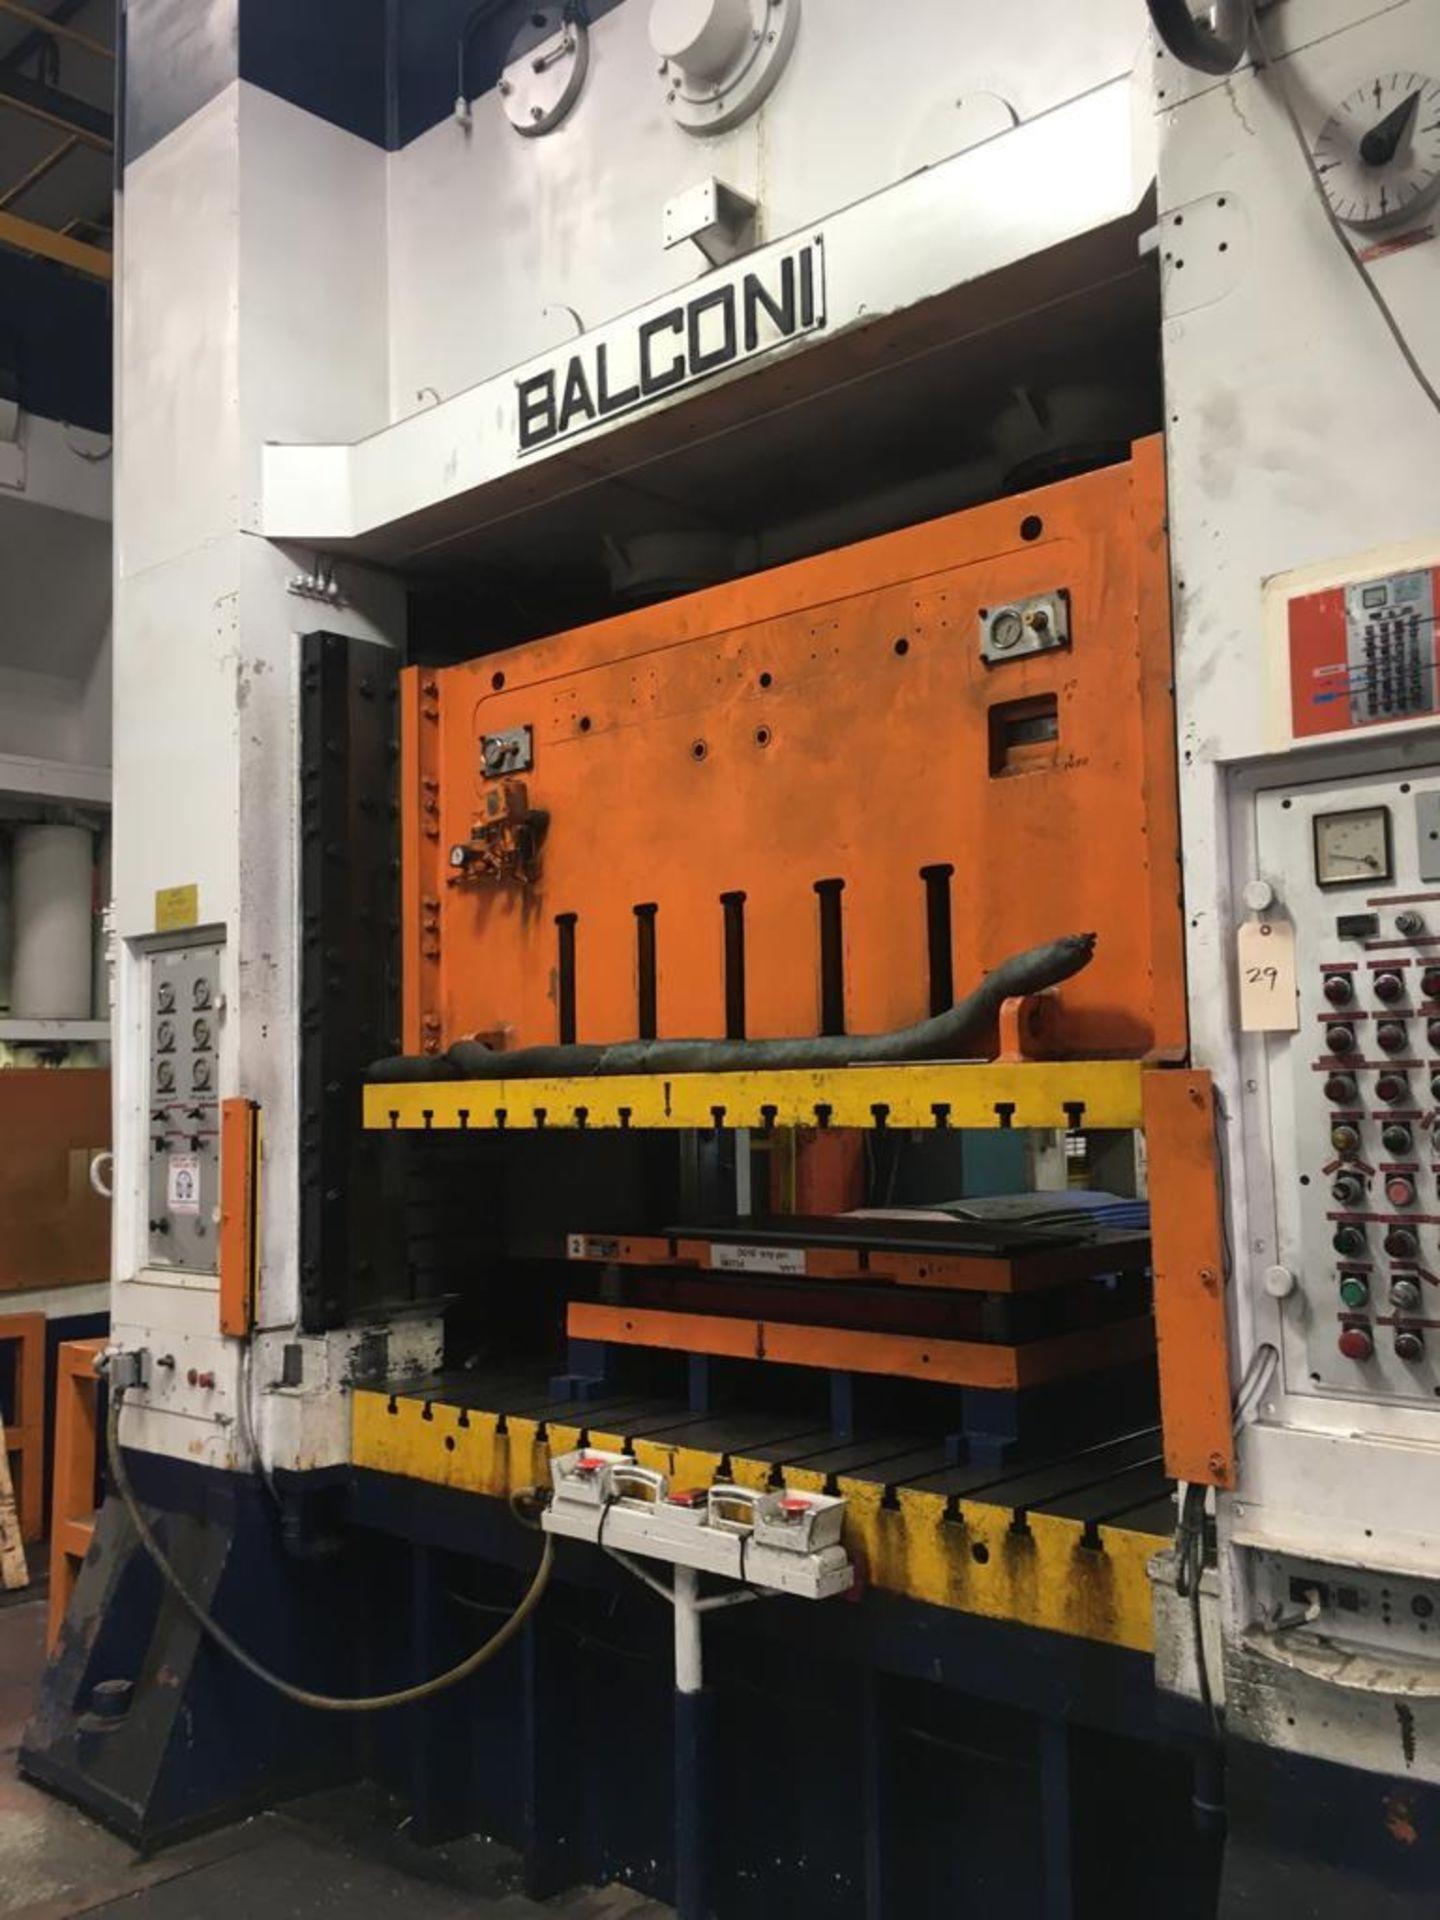 Lot 29 - BALCONI 400 TON HYDRAULIC STAMPING PRESS